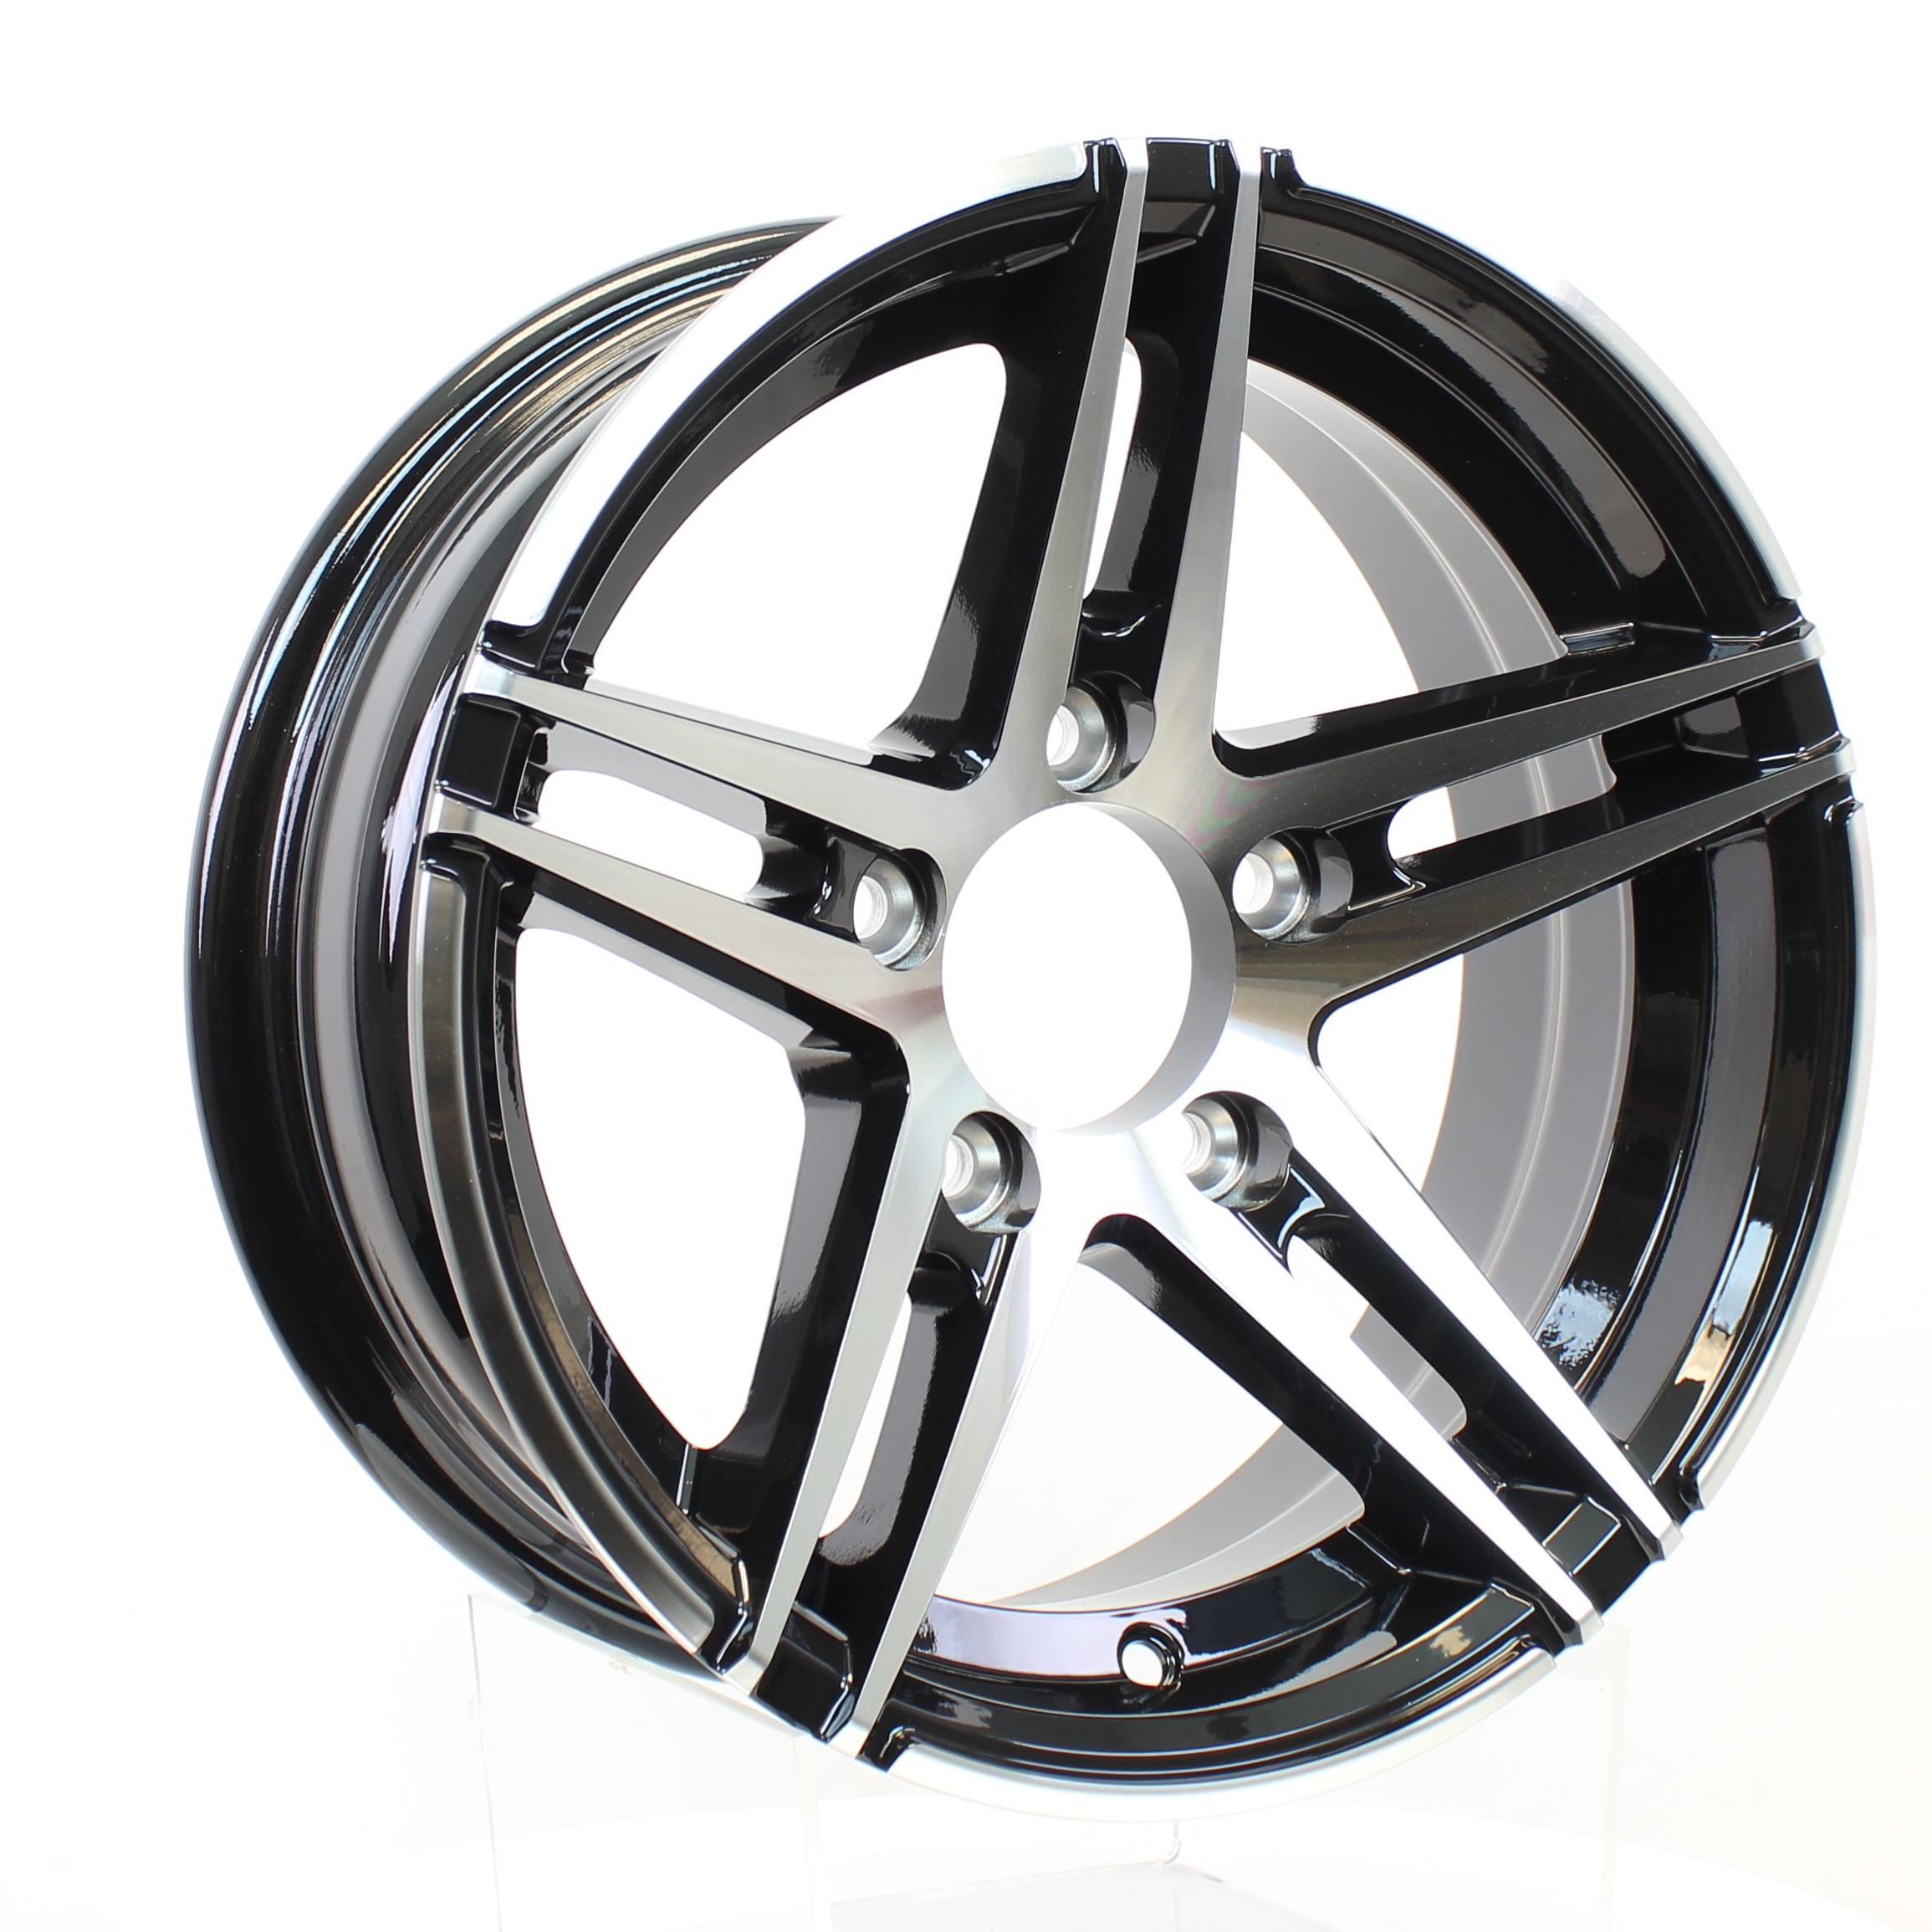 Sidewinder 13x5 5-4.5 Black/Machine Aluminum Trailer Wheel Image